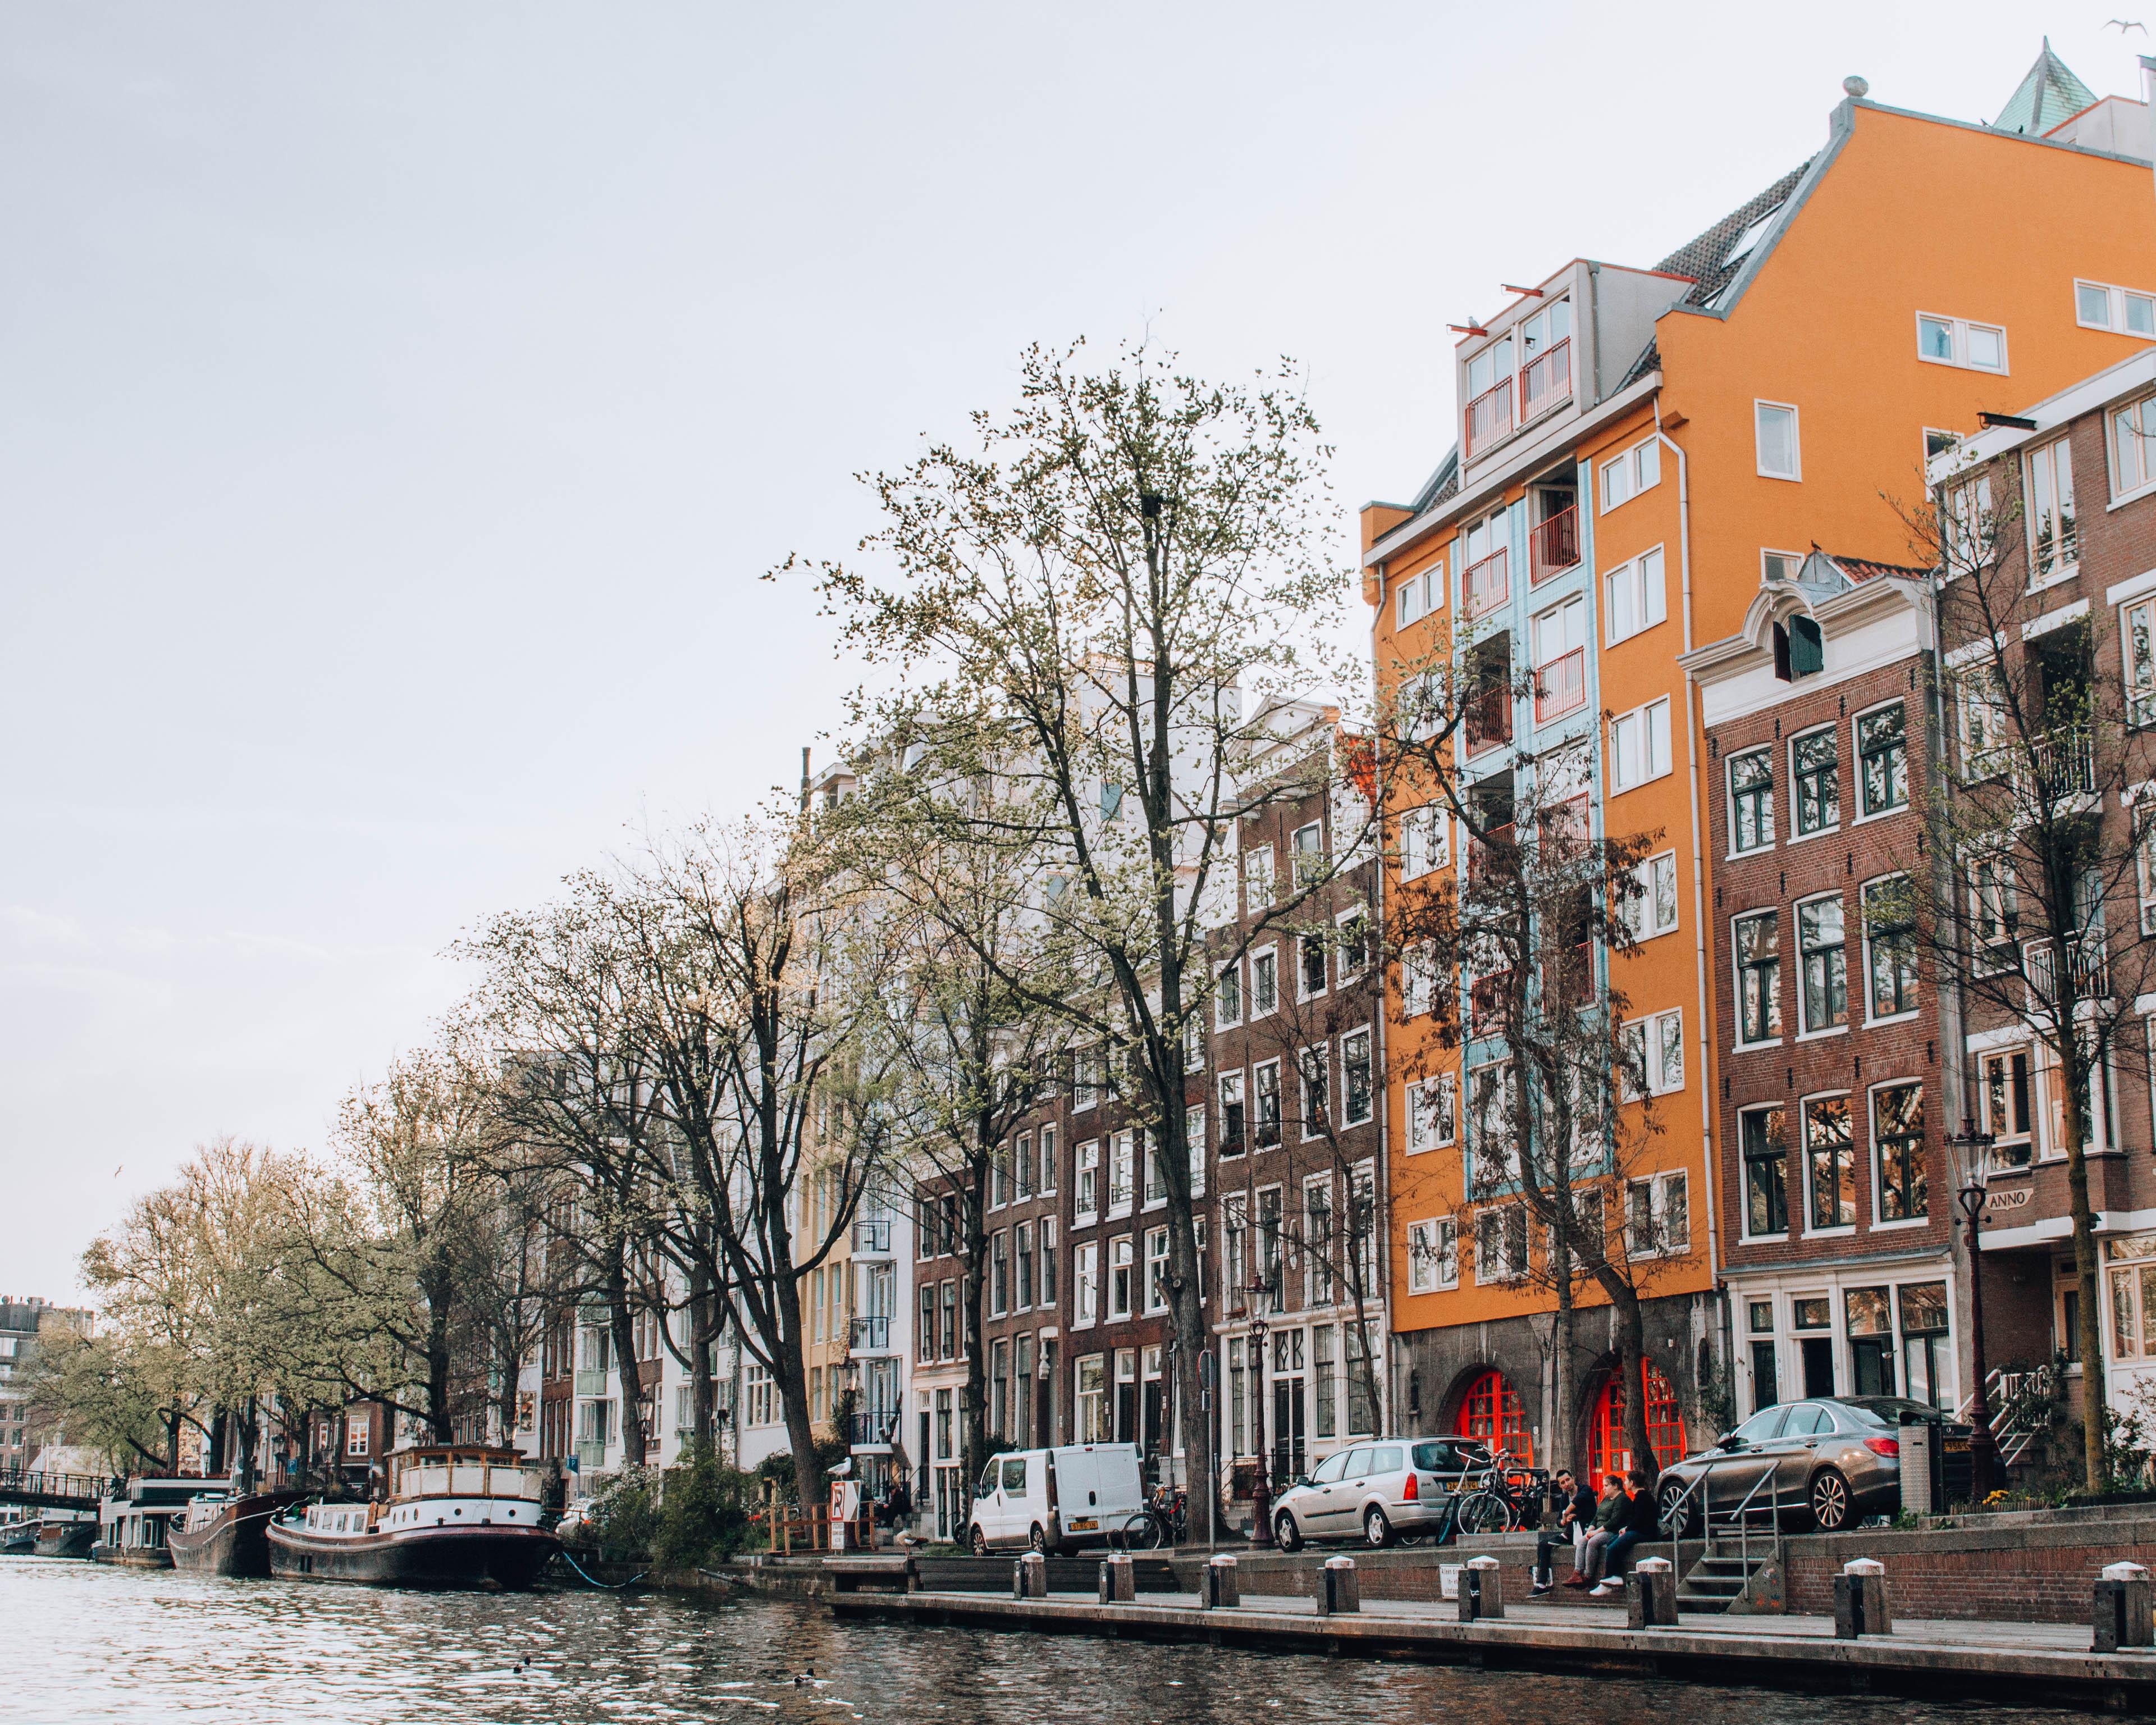 veduta di città dai canali